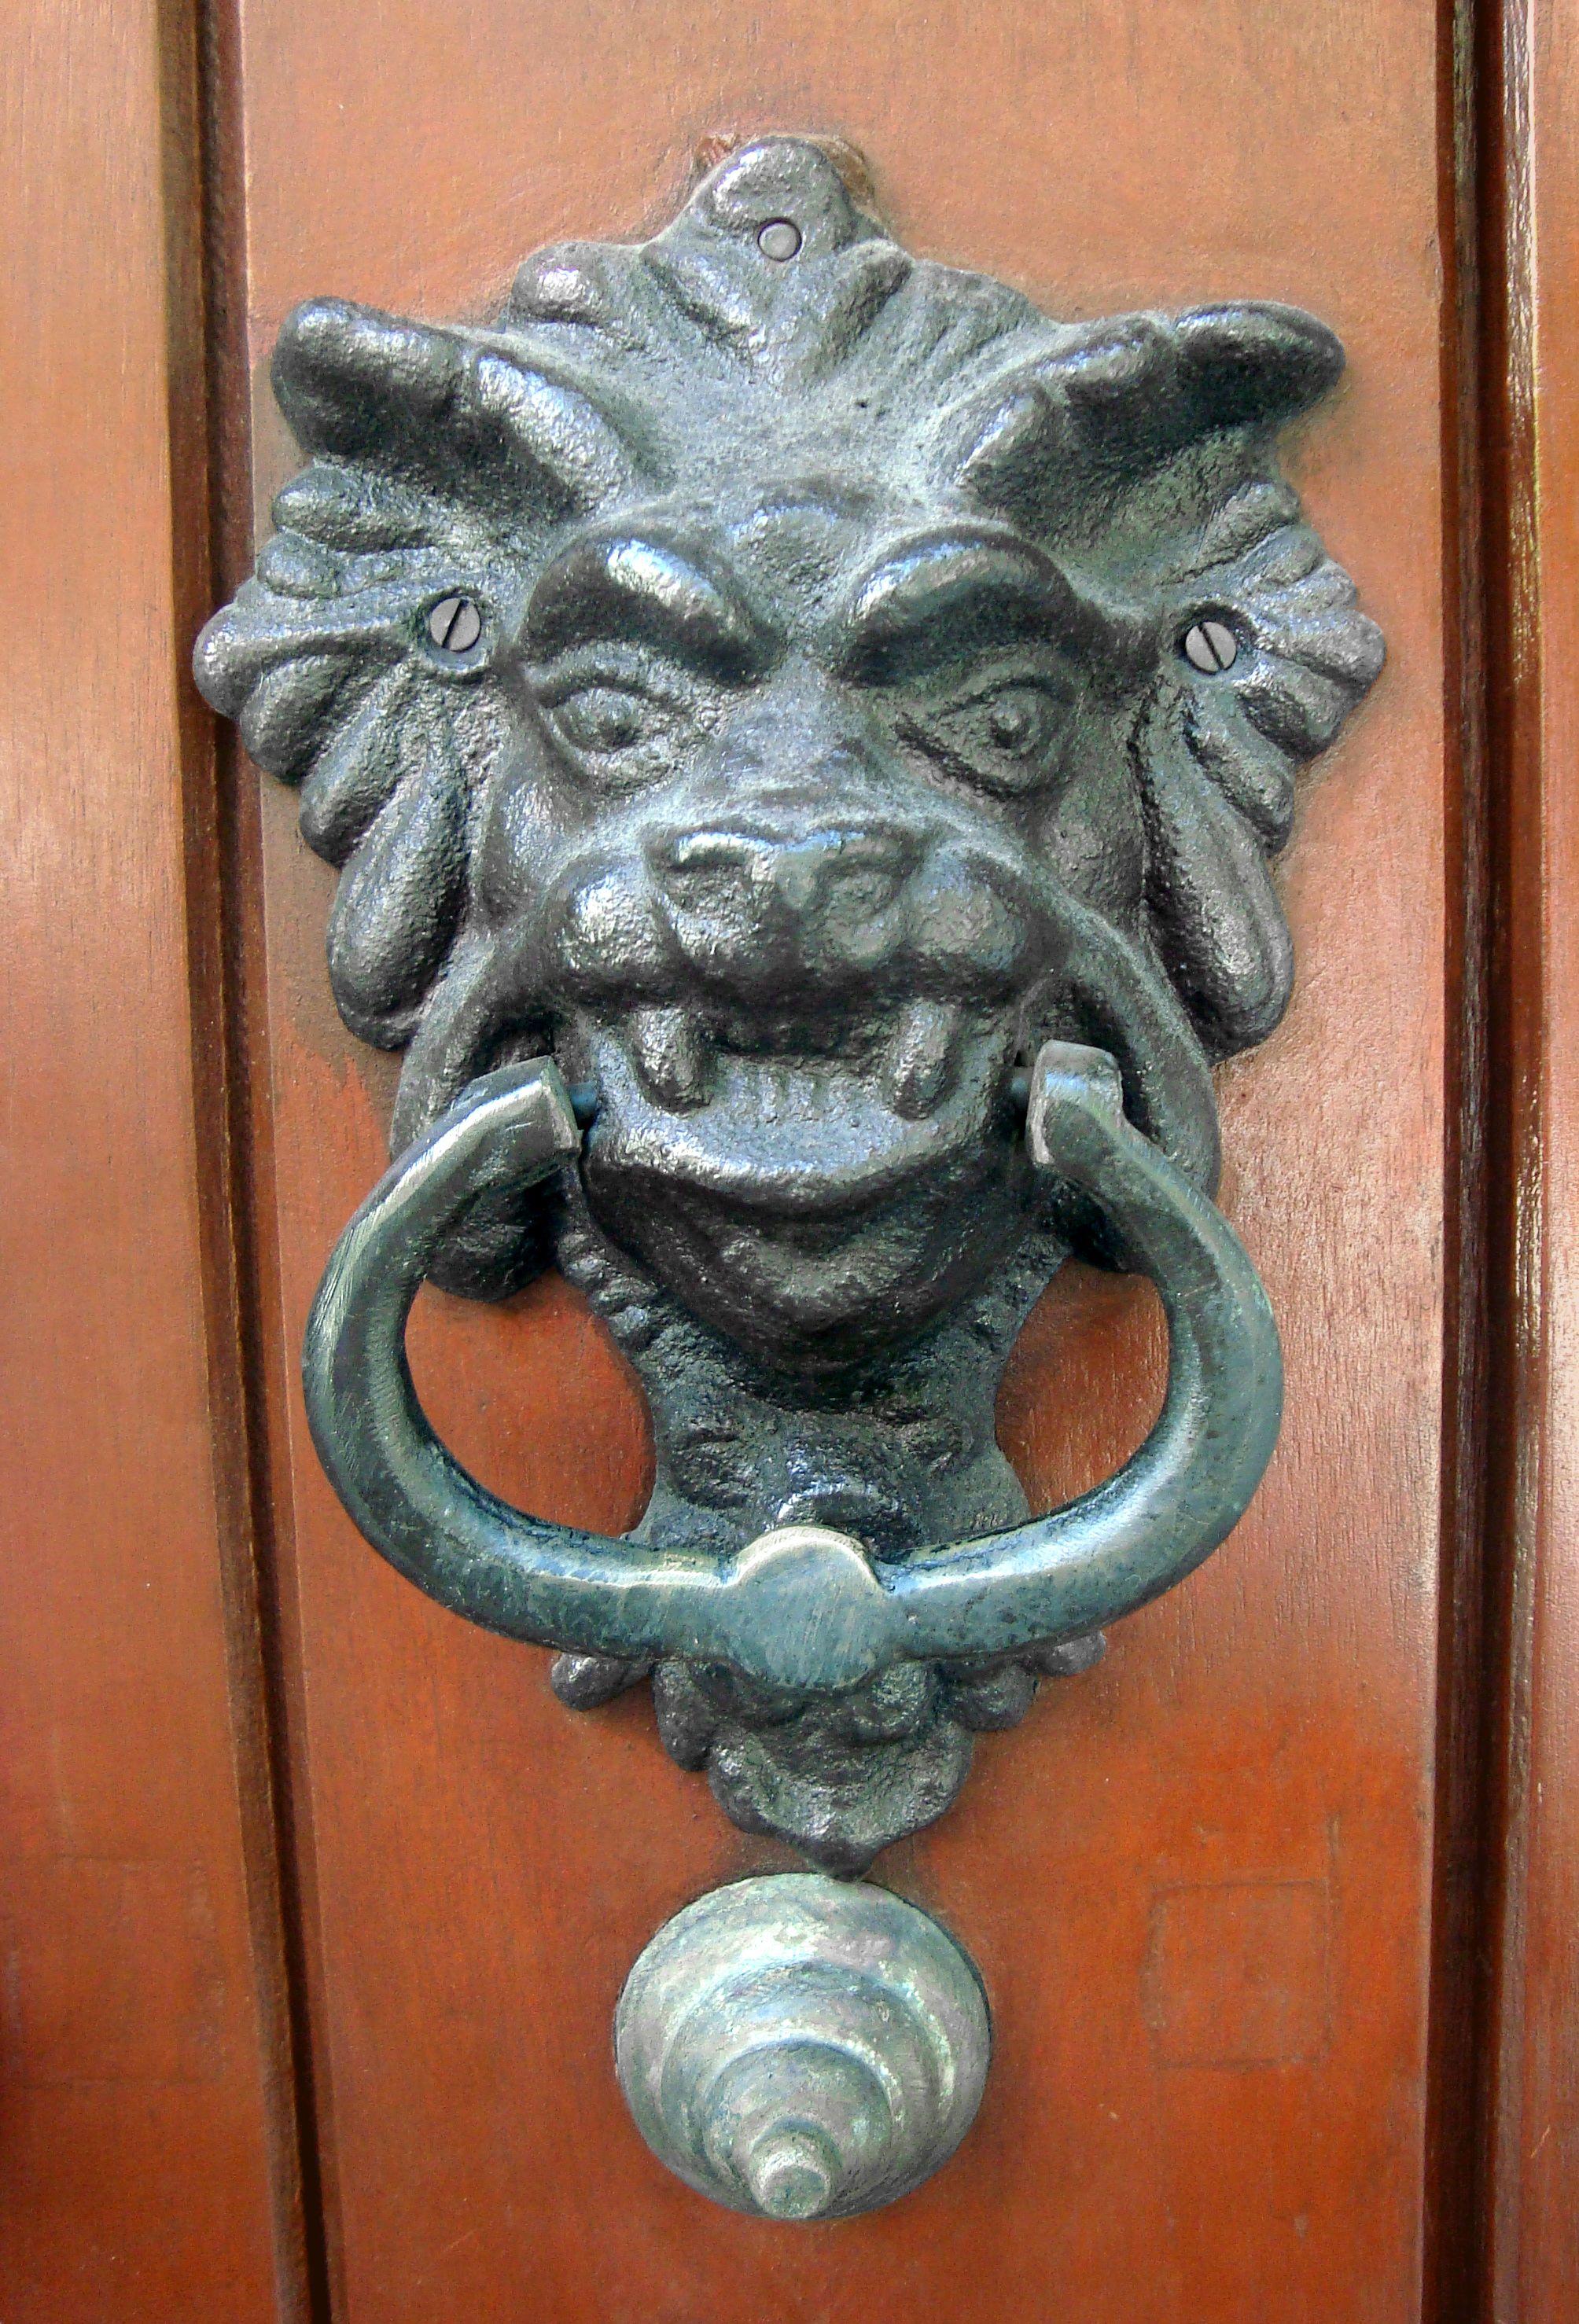 Door knocker or aldaba in old town cartagena de indias colombia